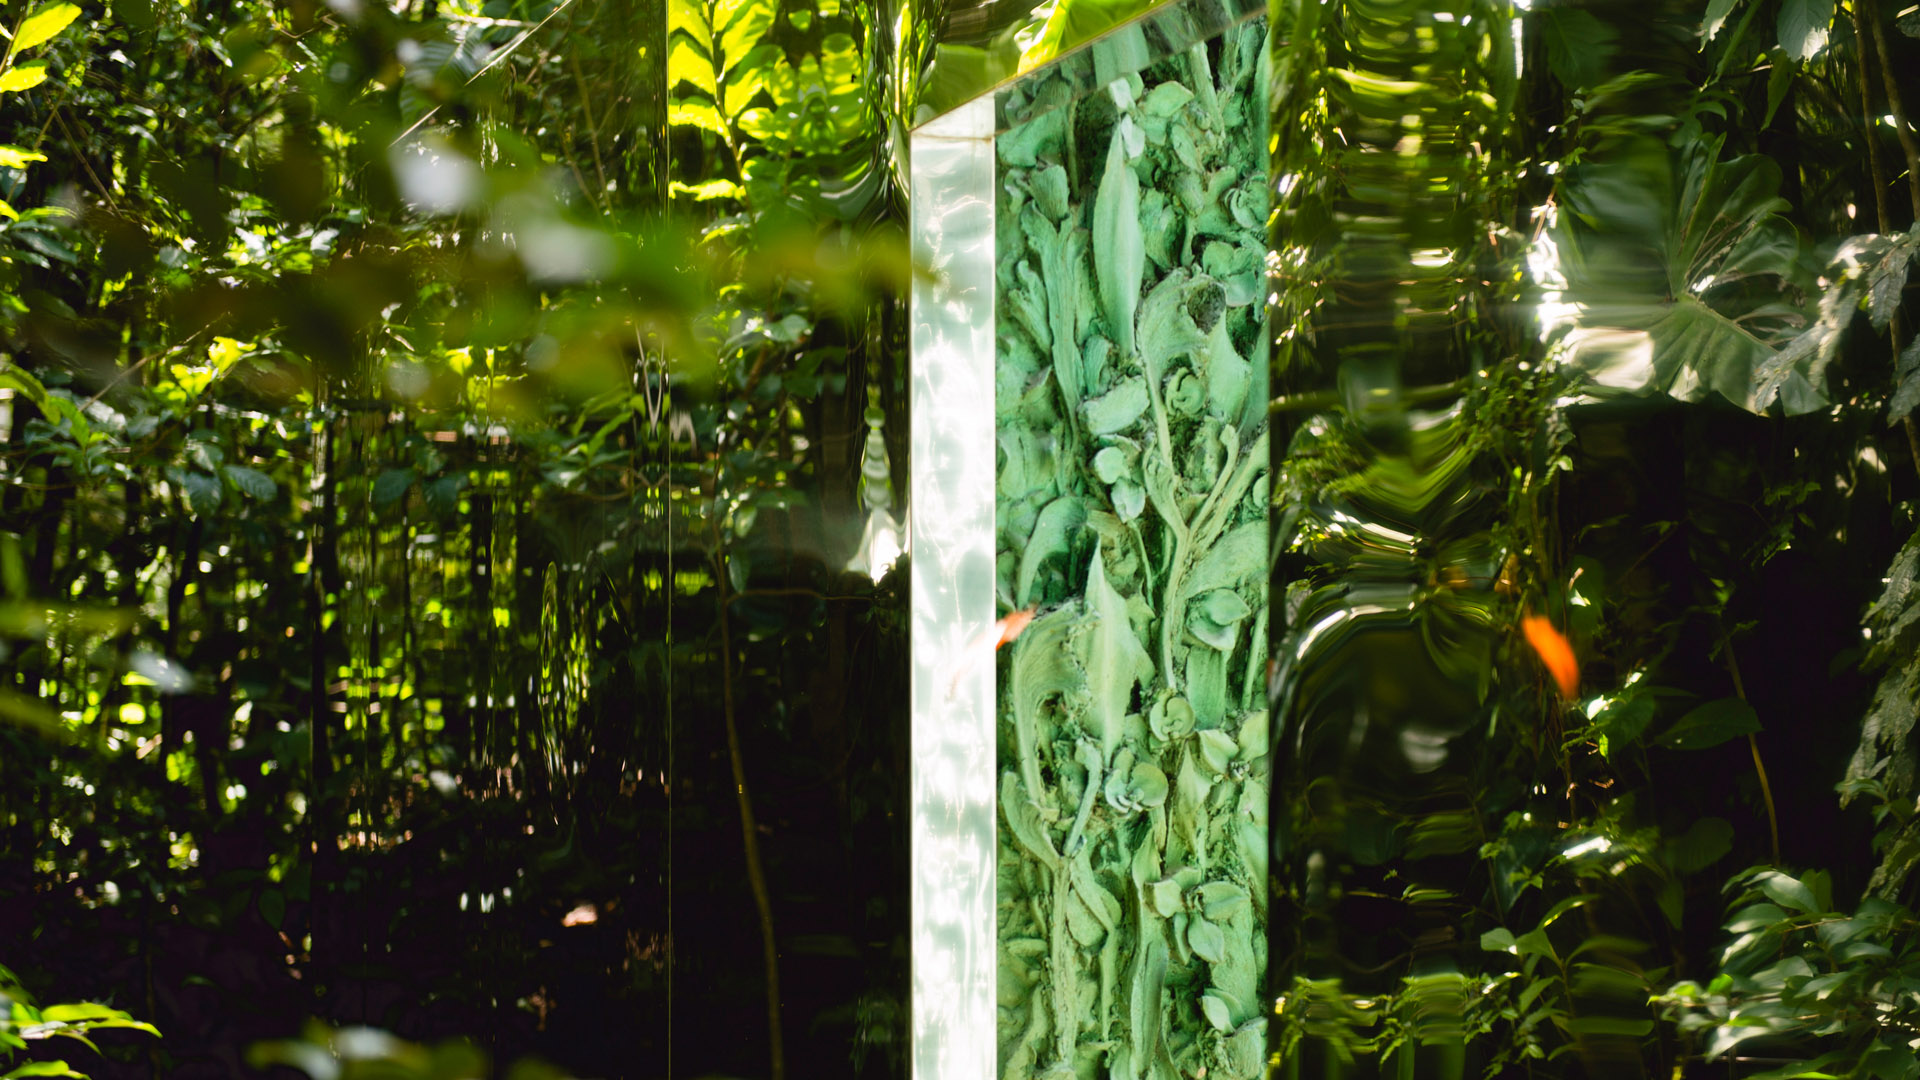 O Vegetation Room Inhotim, 2010-12, da artista Cristina Iglesias. Acervo de arte contemporânea do Inhotim